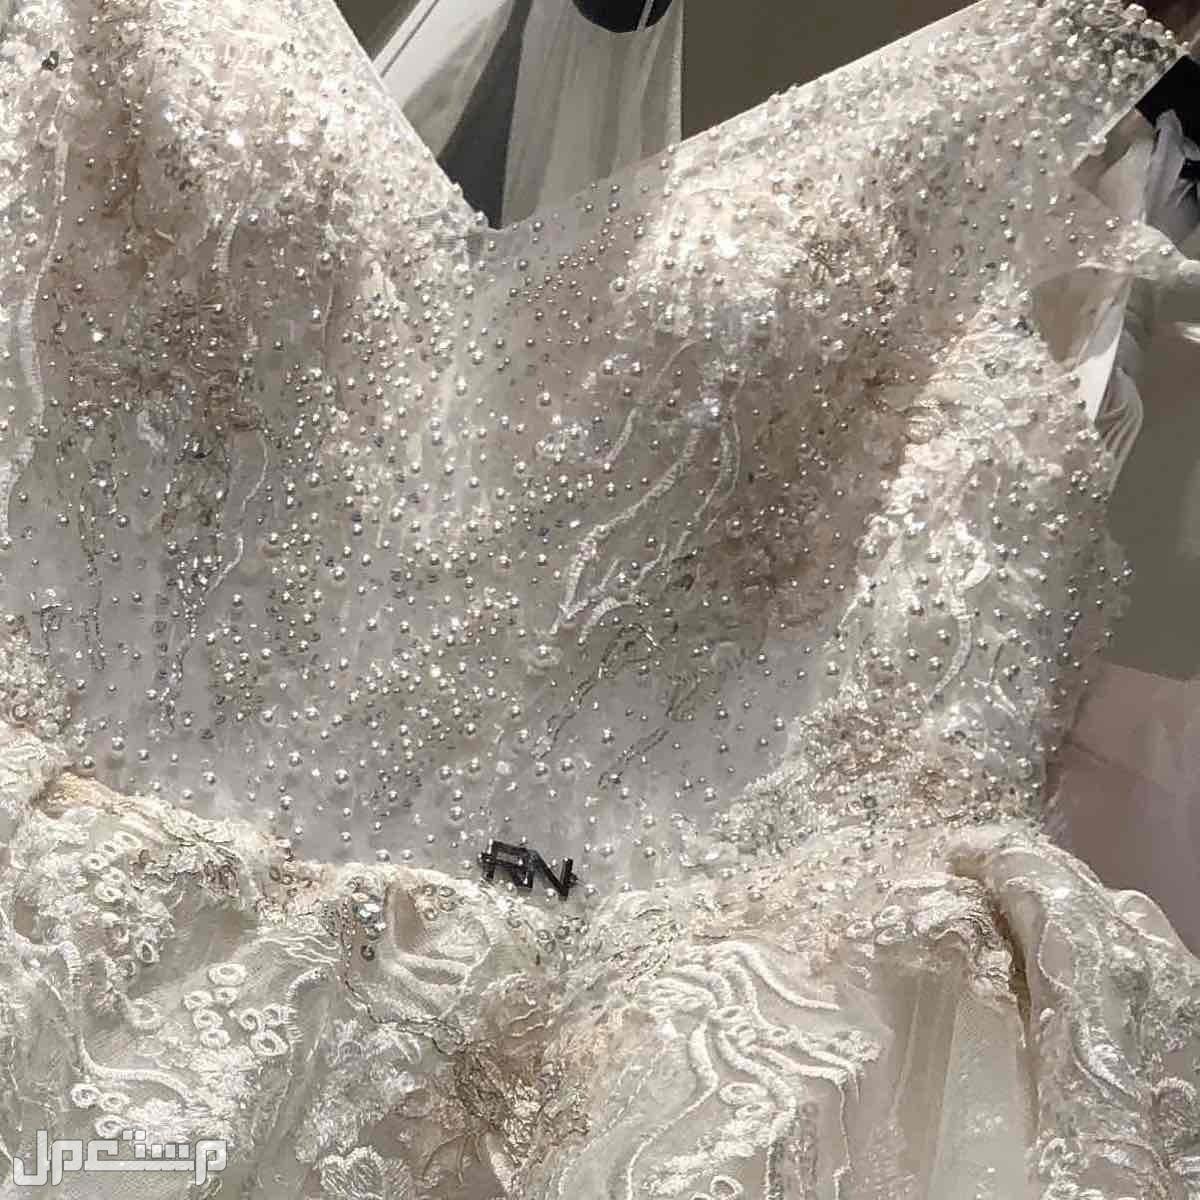 فستان زفاف للبيع المدينة المنورة او ينبع